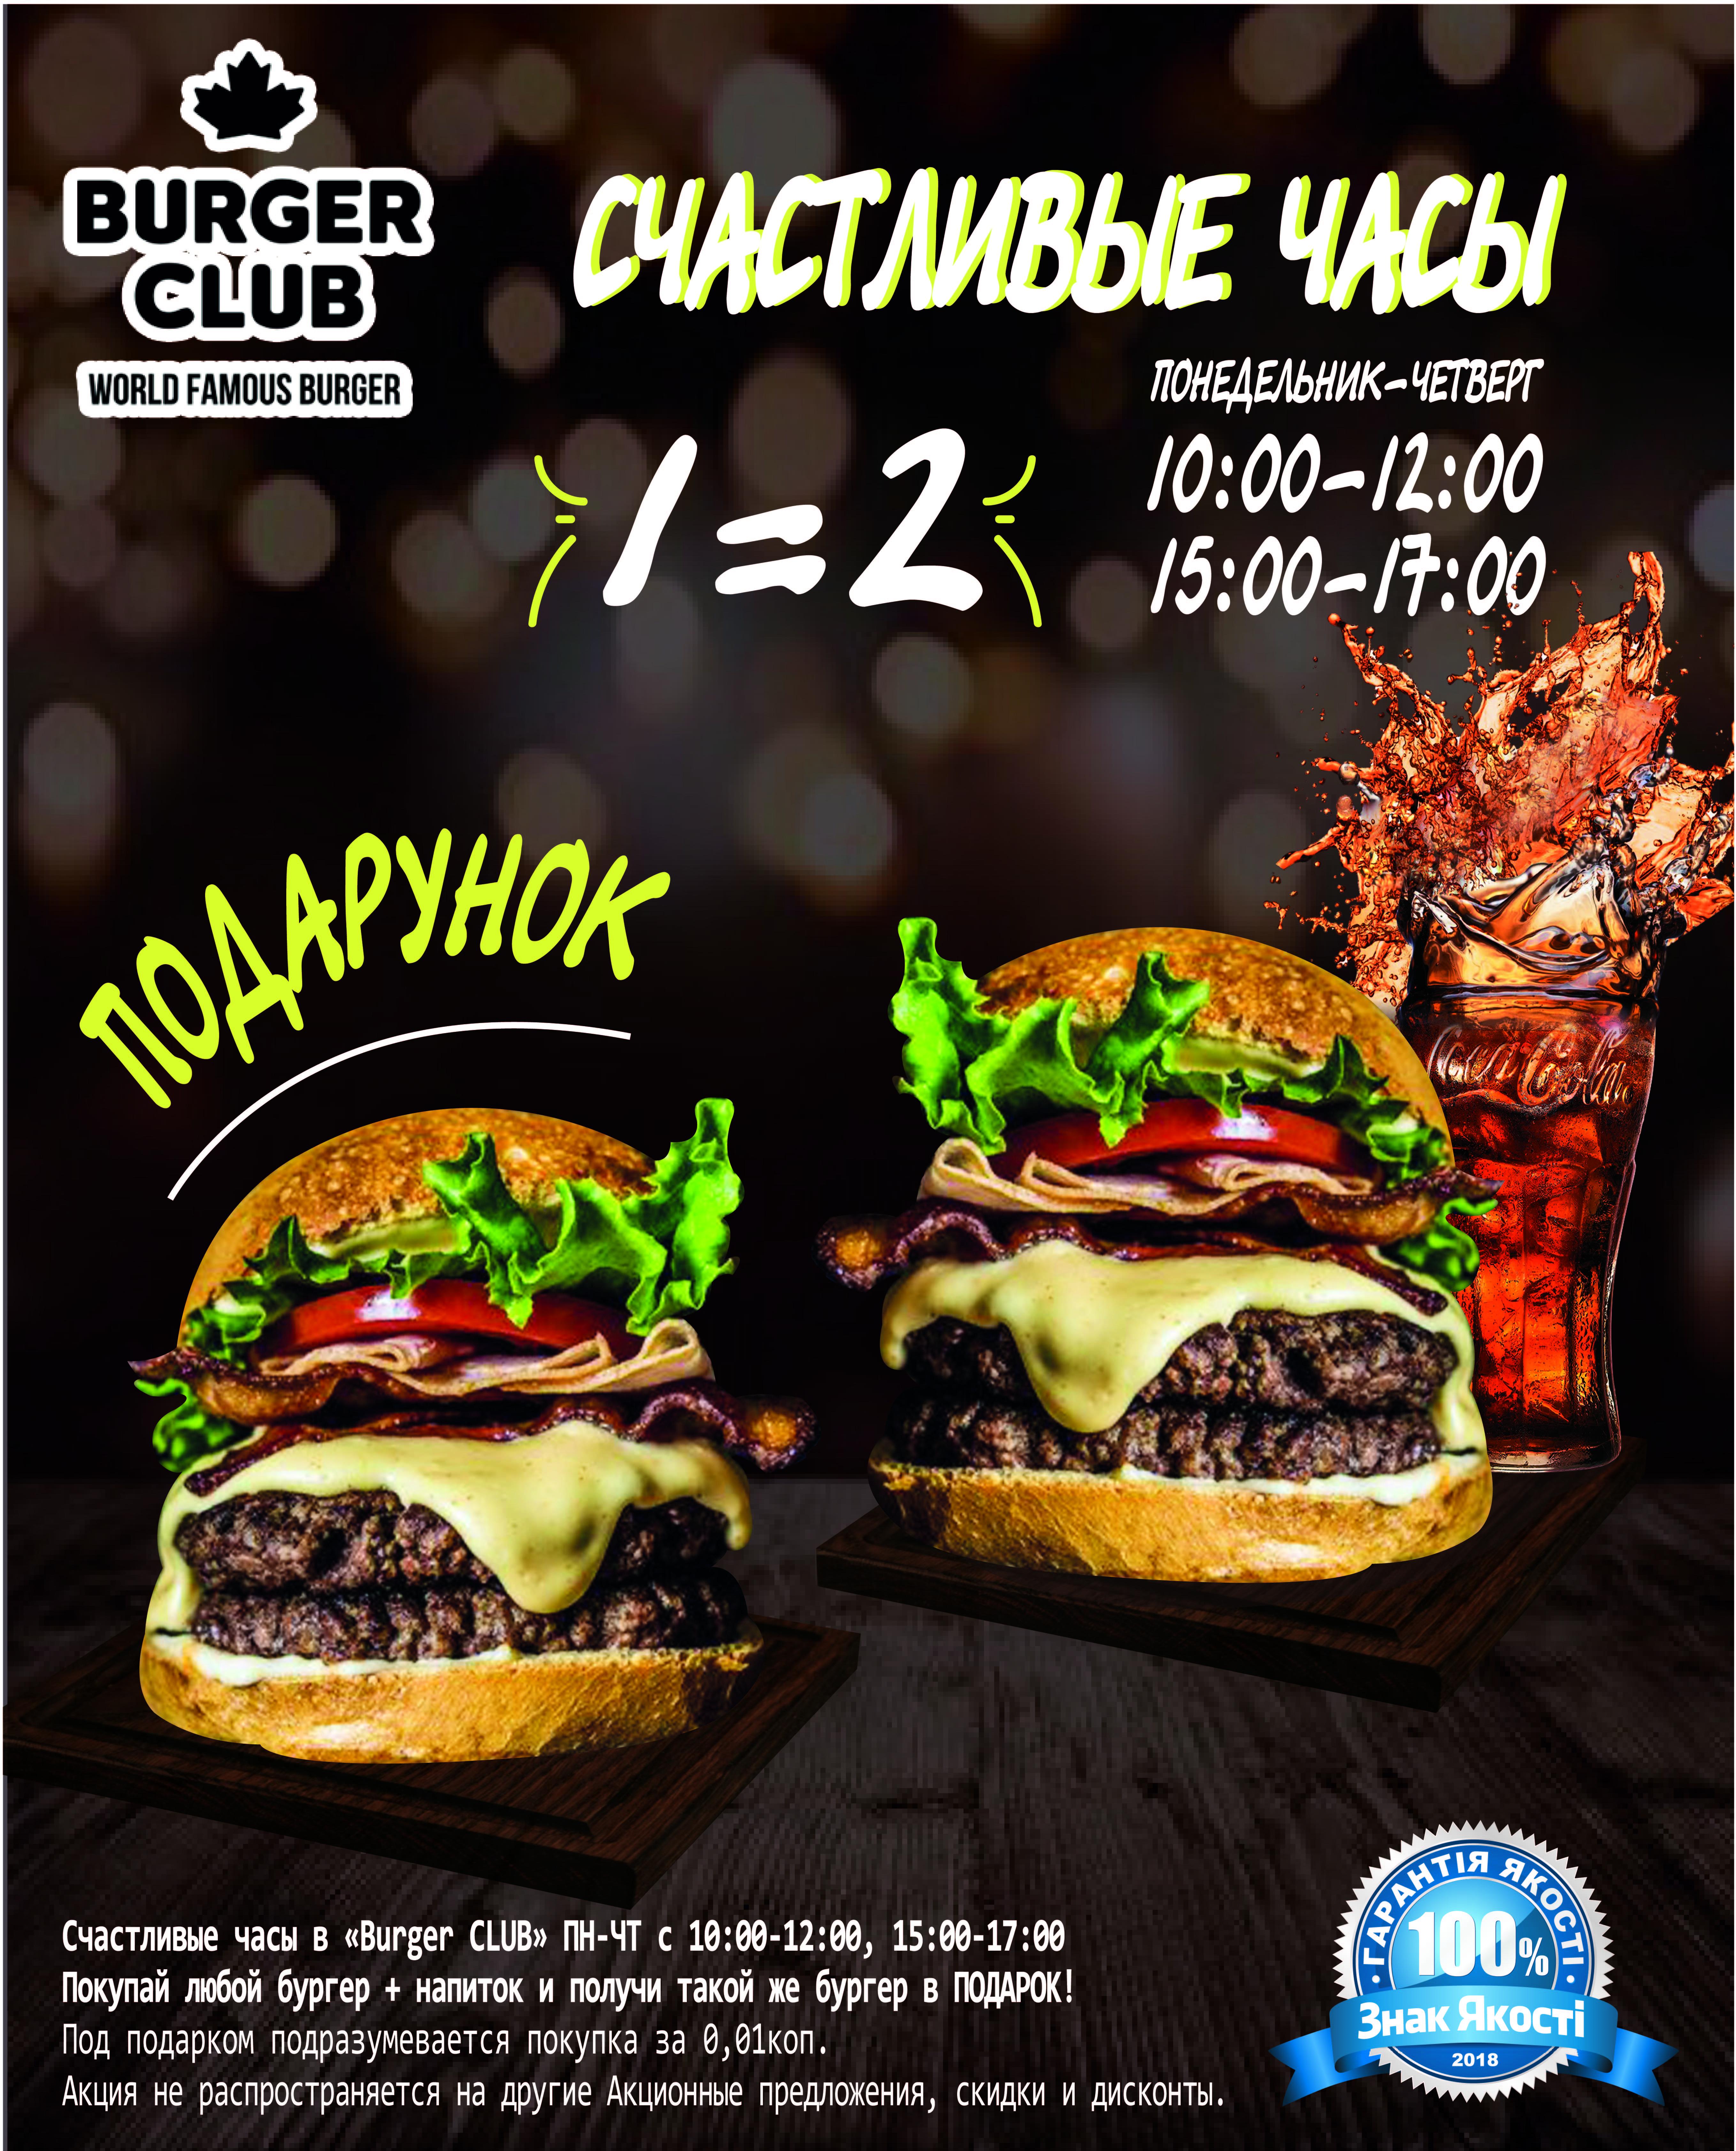 «Счастливые часы» в Burger CLUB